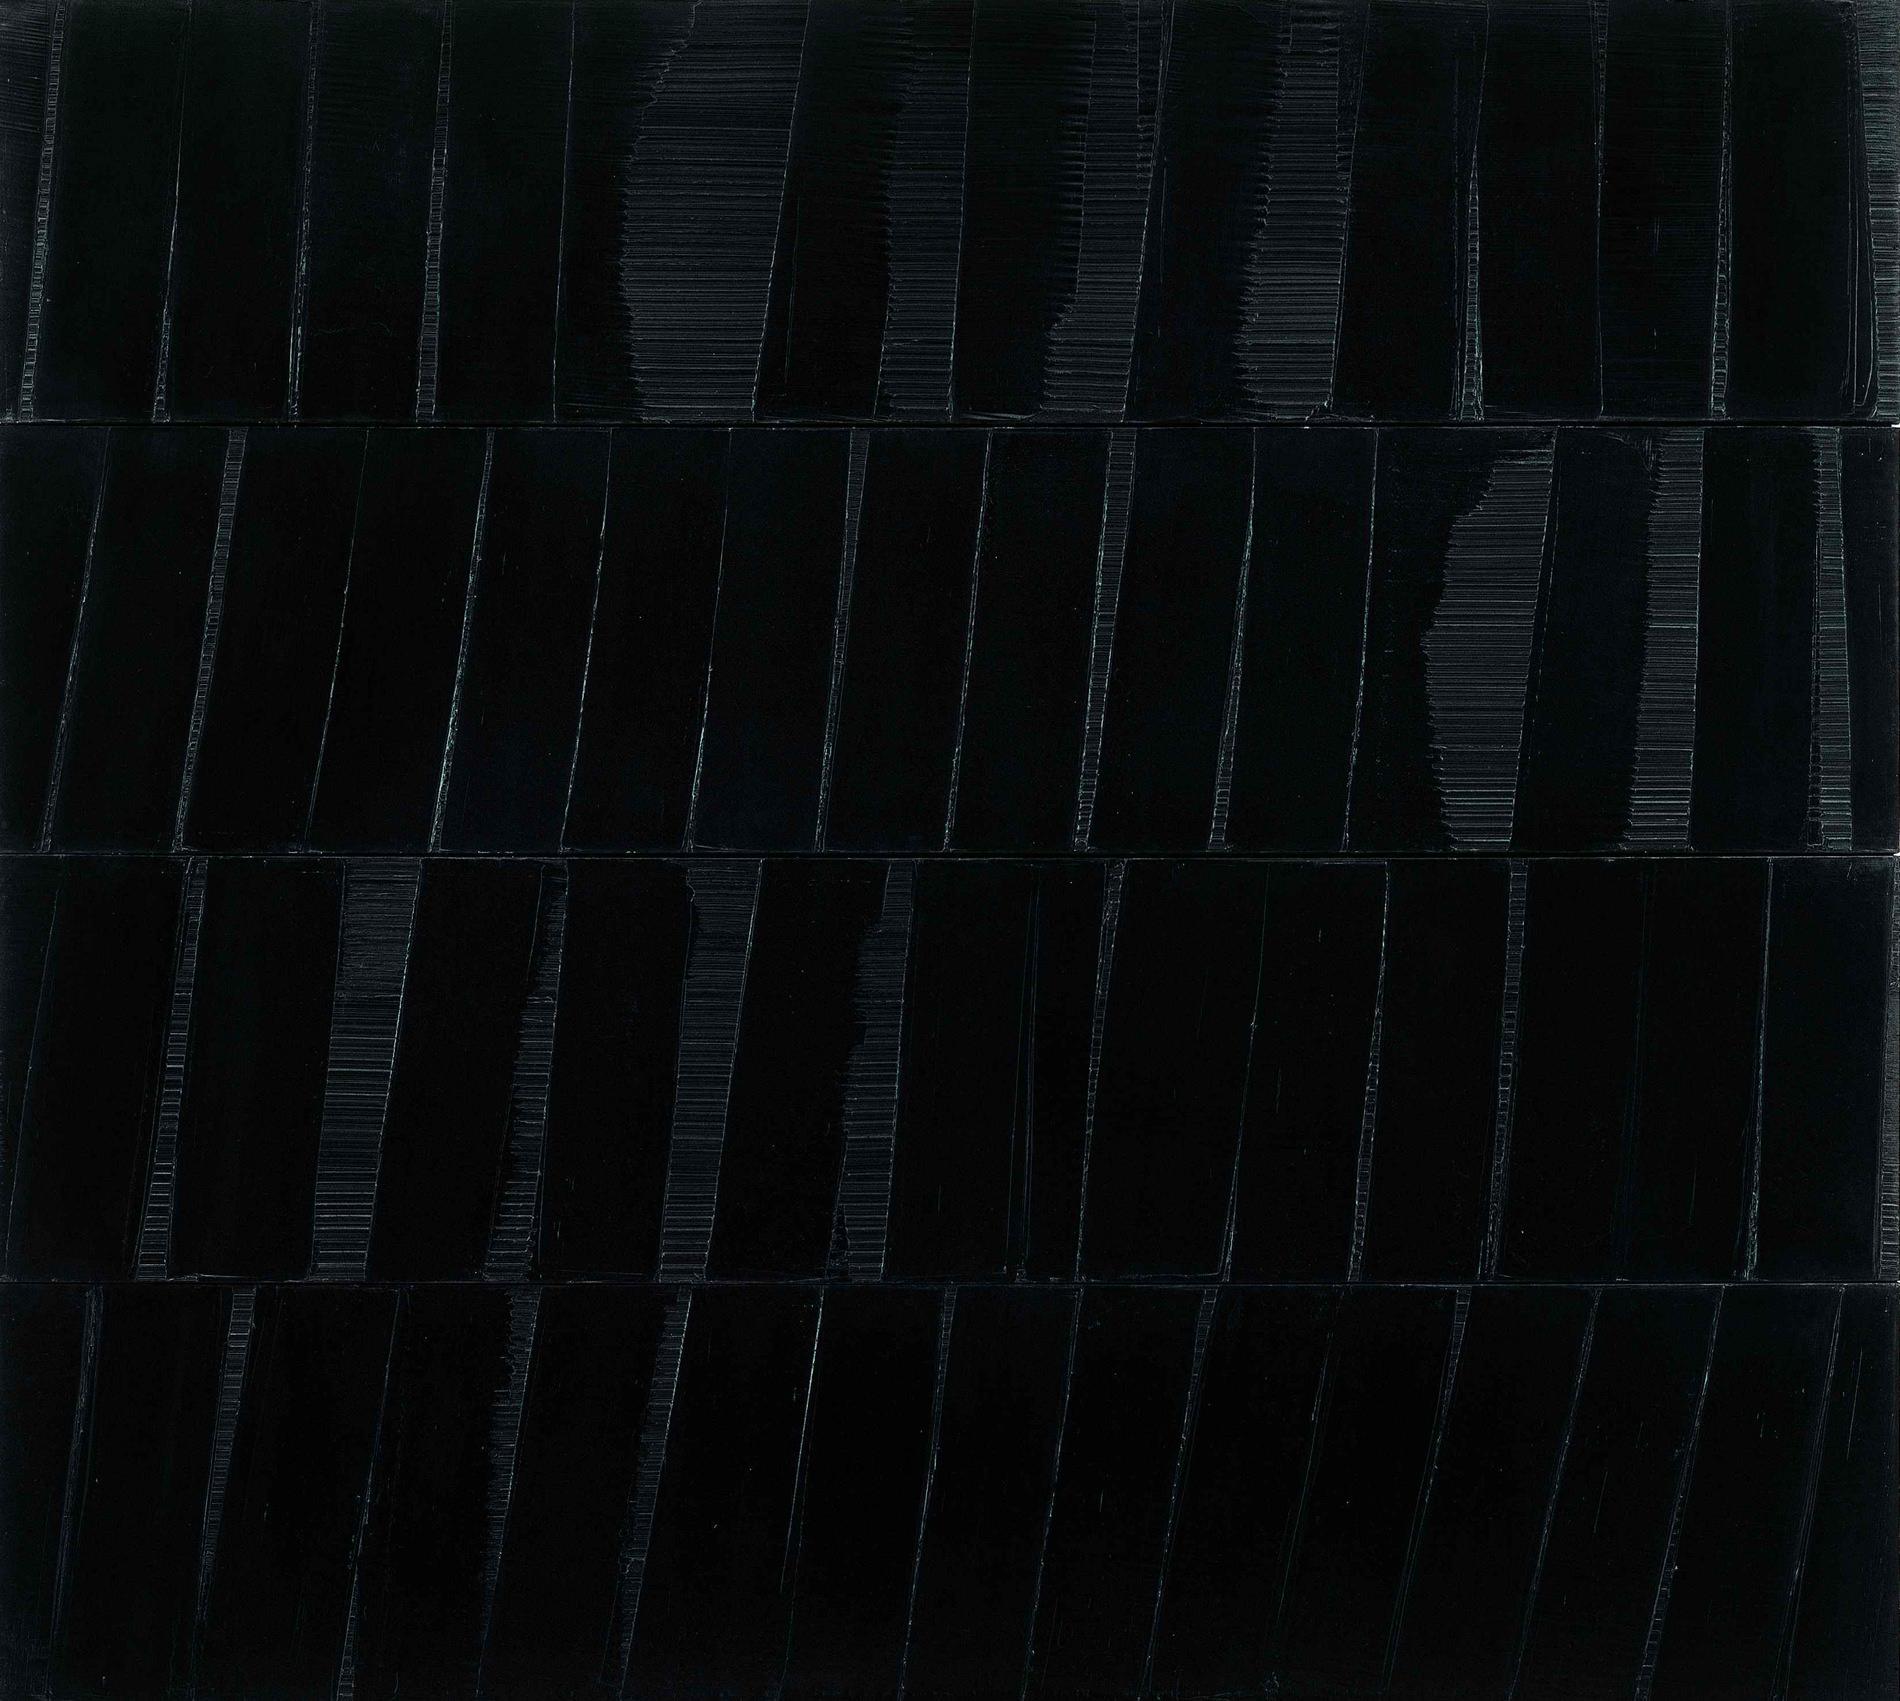 Pierre Soulages Peinture 324 x 362, 1985